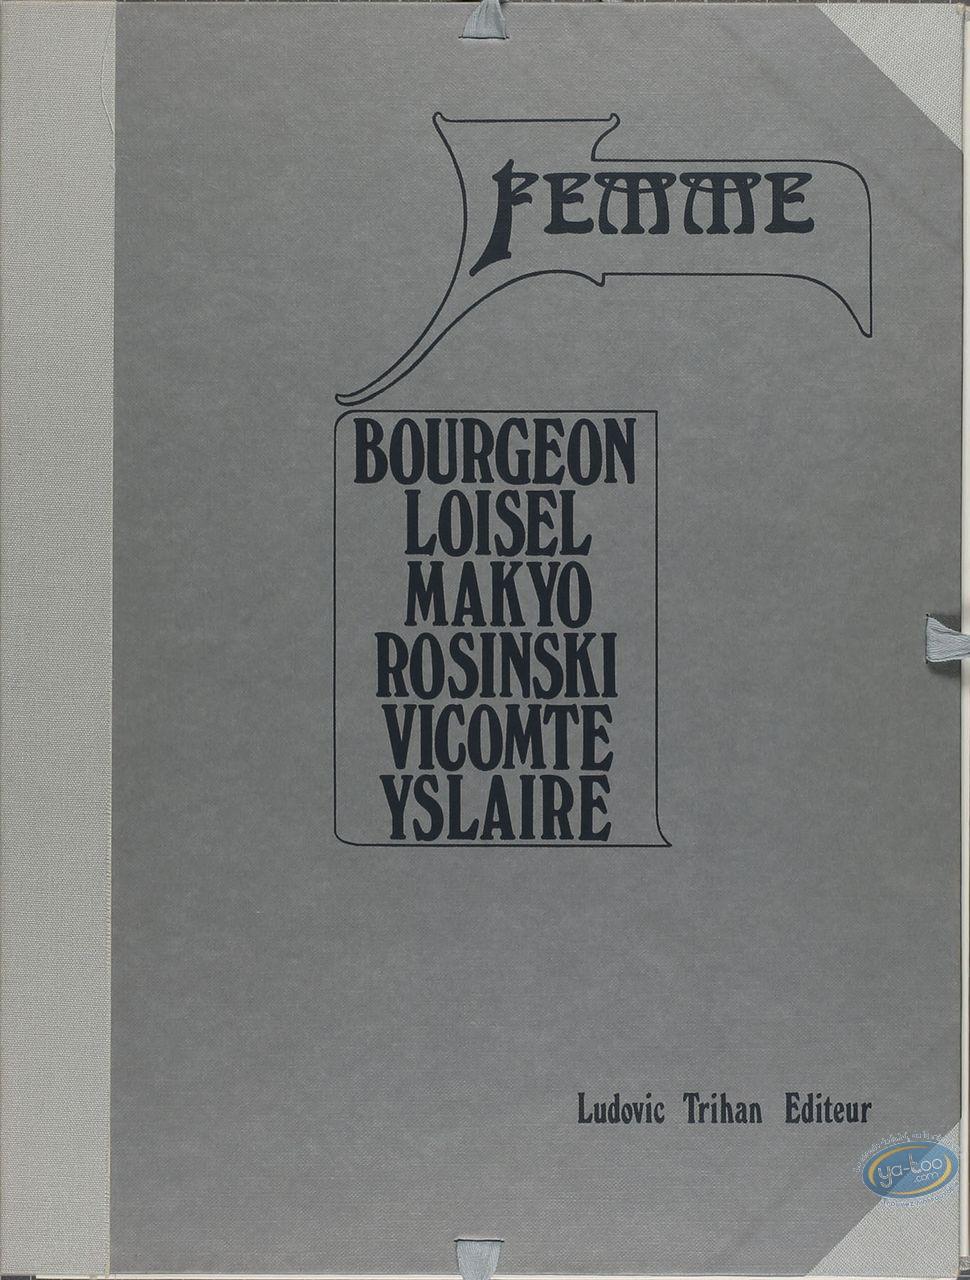 Portfolio, Femme